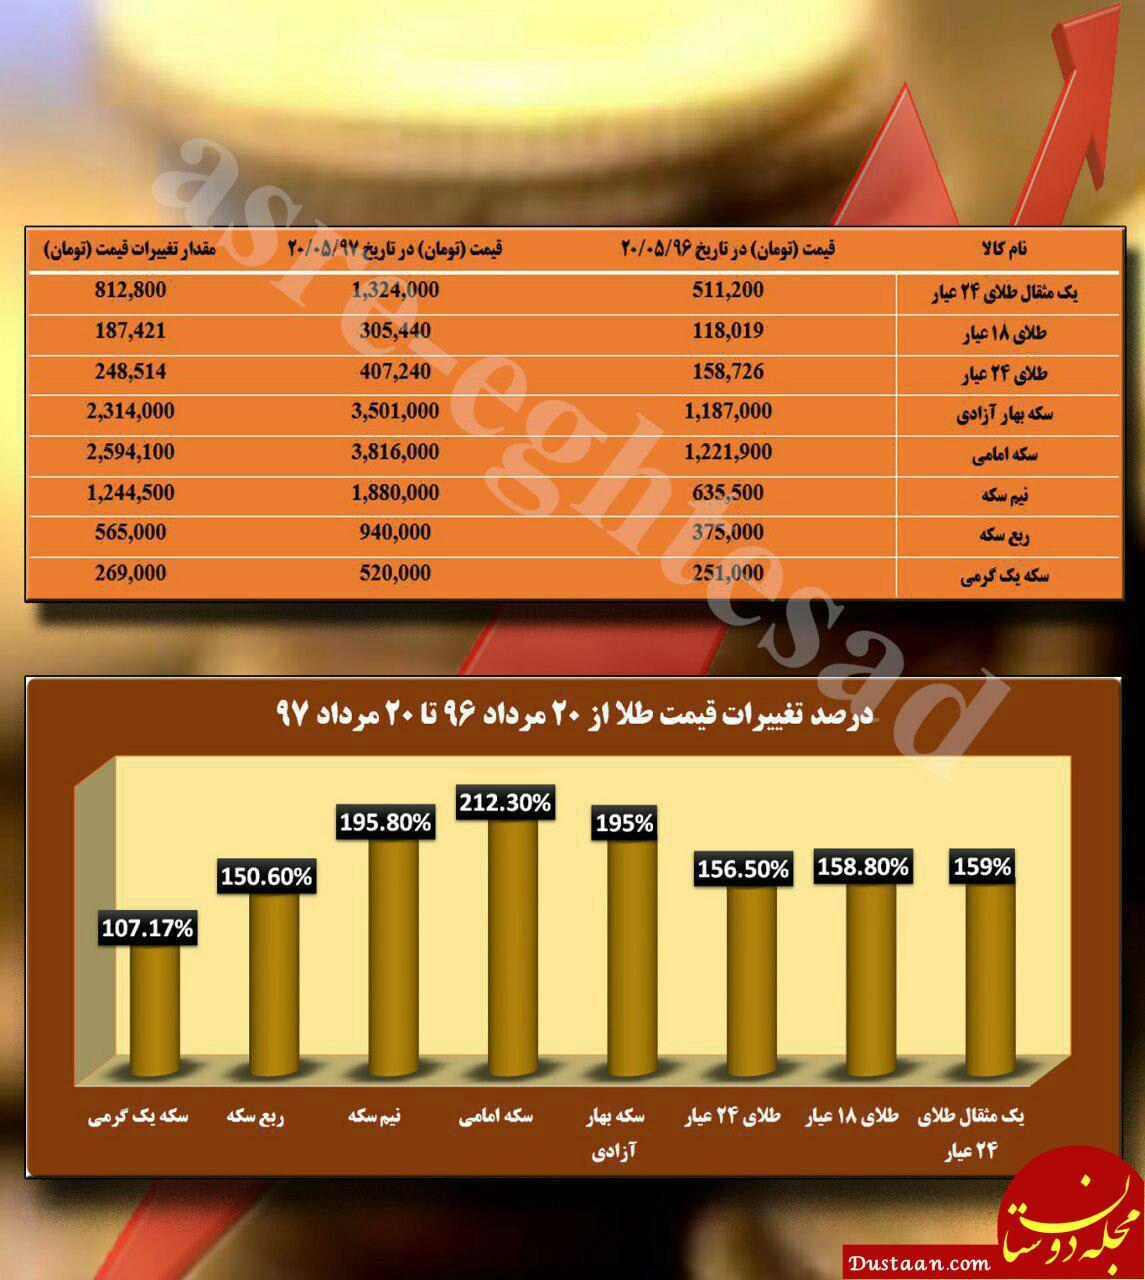 www.dustaan.com اگر سال 96 سکه خریده بودید امروز چقدر سود می کردید؟